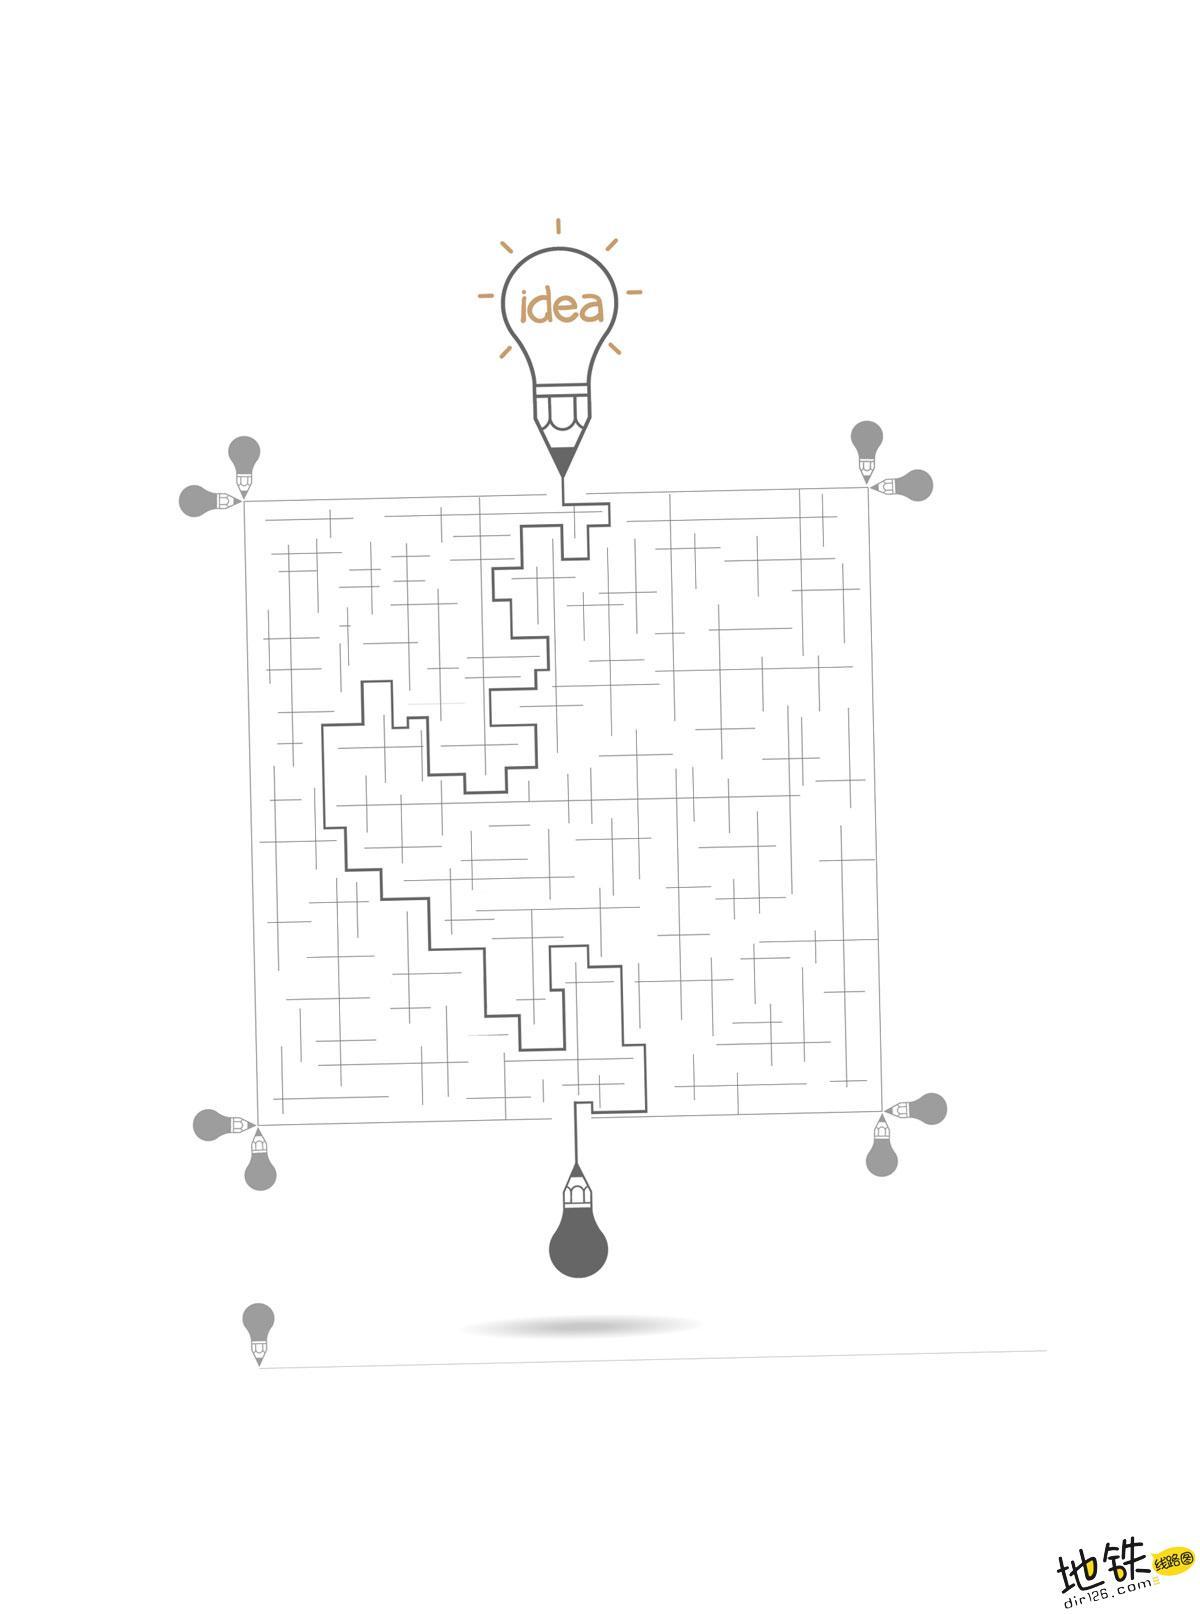 轨道交通地铁线网规划设计思路